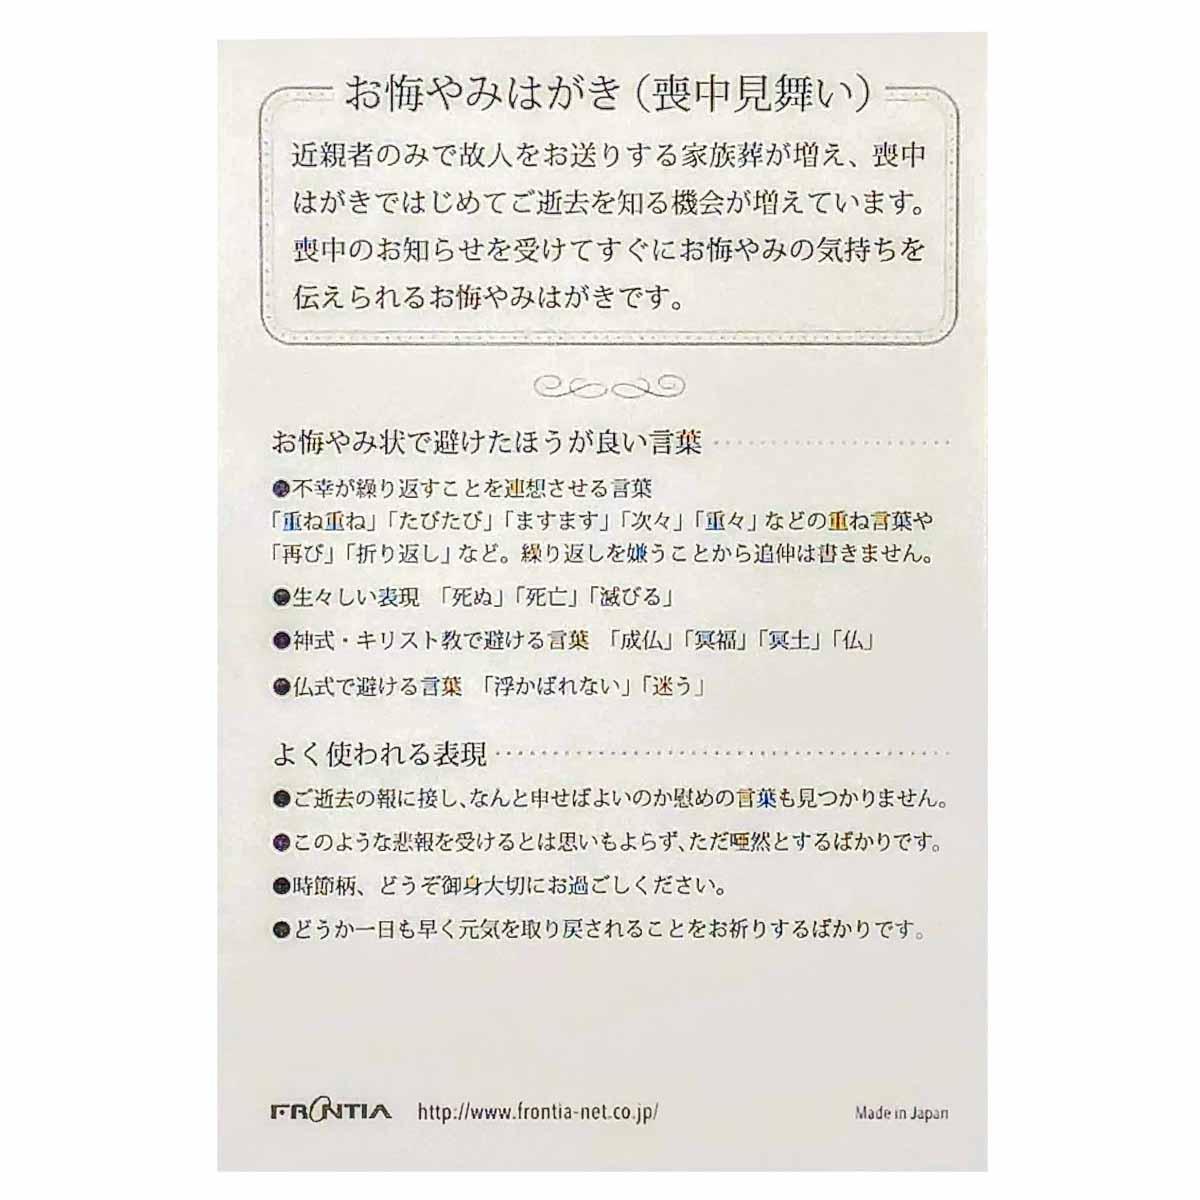 お悔やみ 石川 県